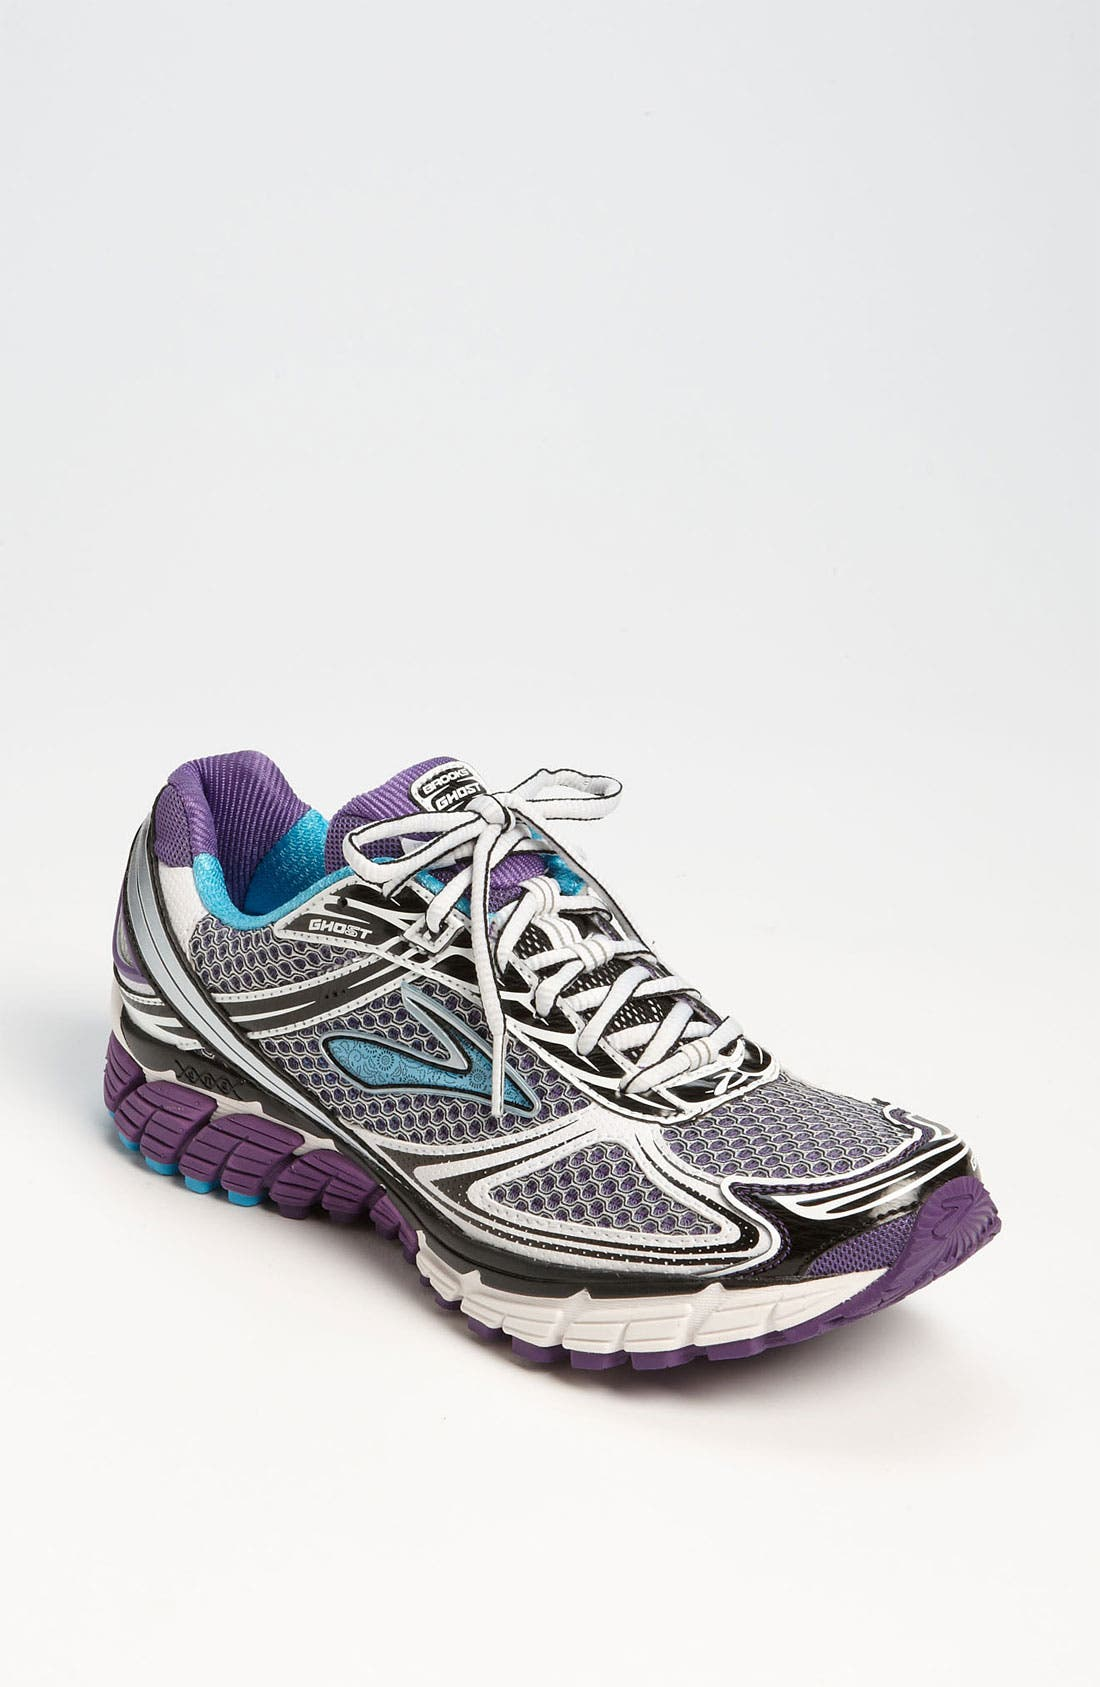 Alternate Image 1 Selected - Brooks 'Ghost 5' Running Shoe (Women) (Regular Retail Price: $109.95)